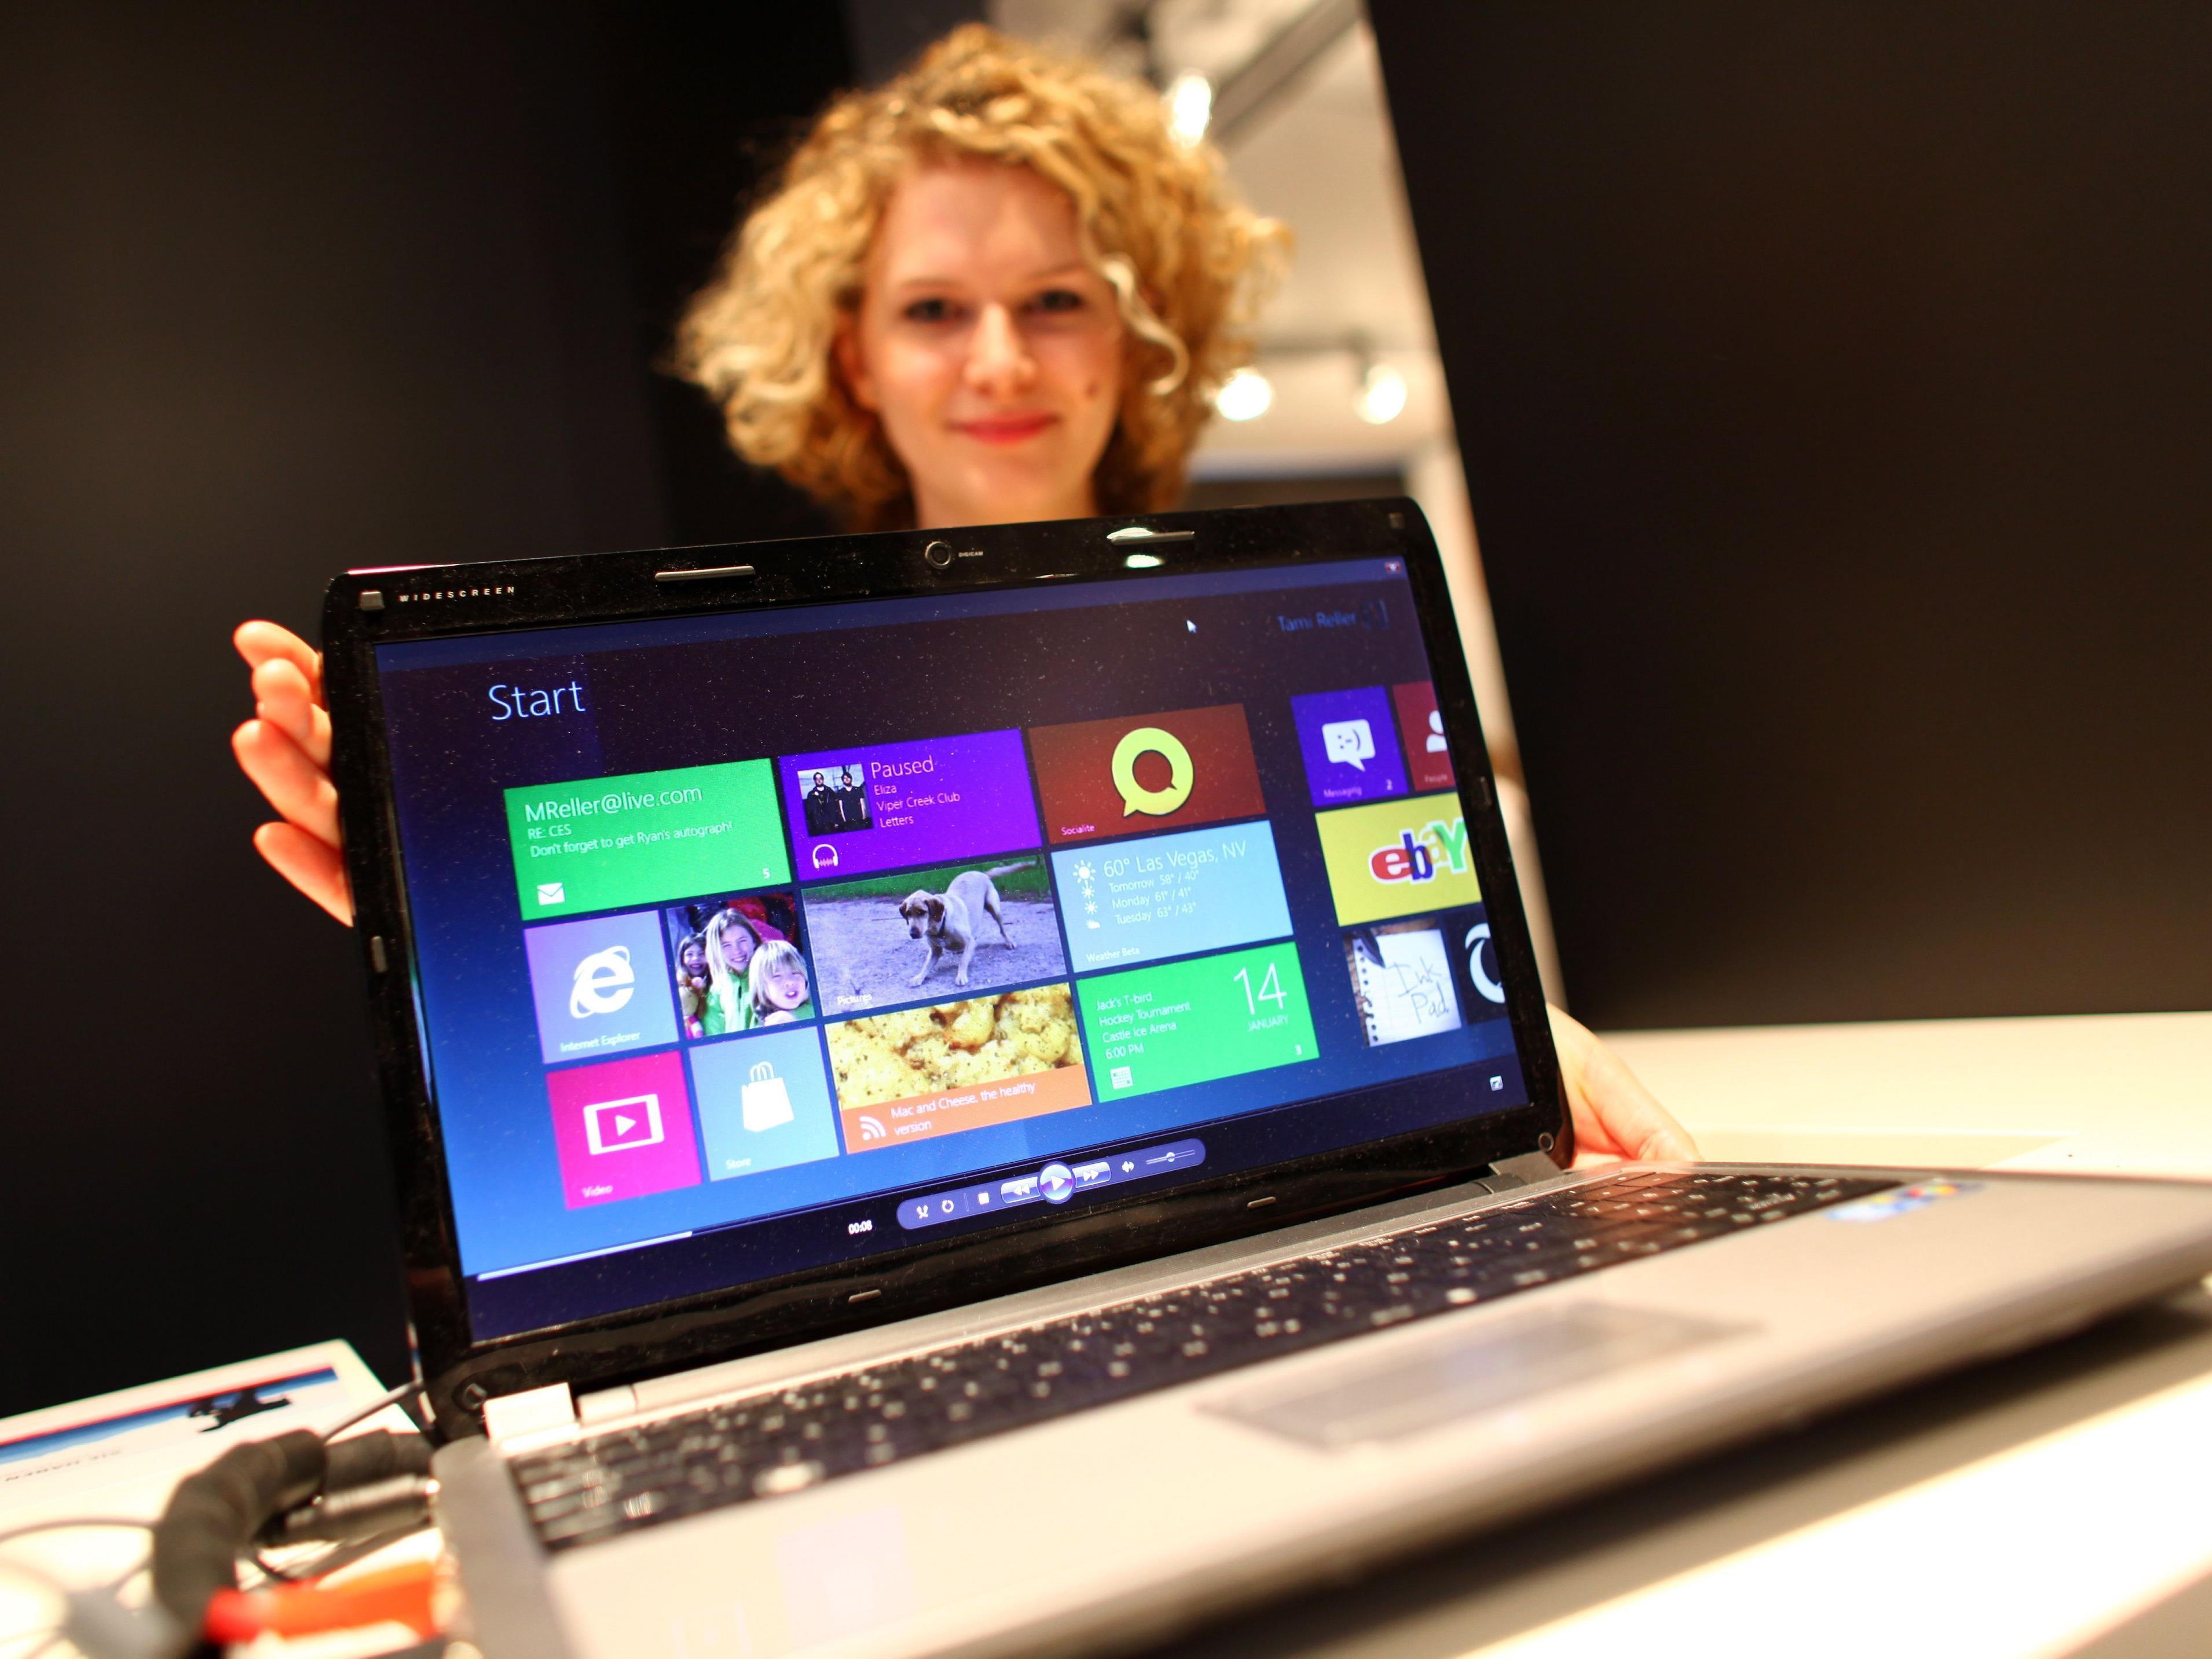 Die finale Version von Windows 8 wird in der Branche für den Herbst 2012 erwartet.